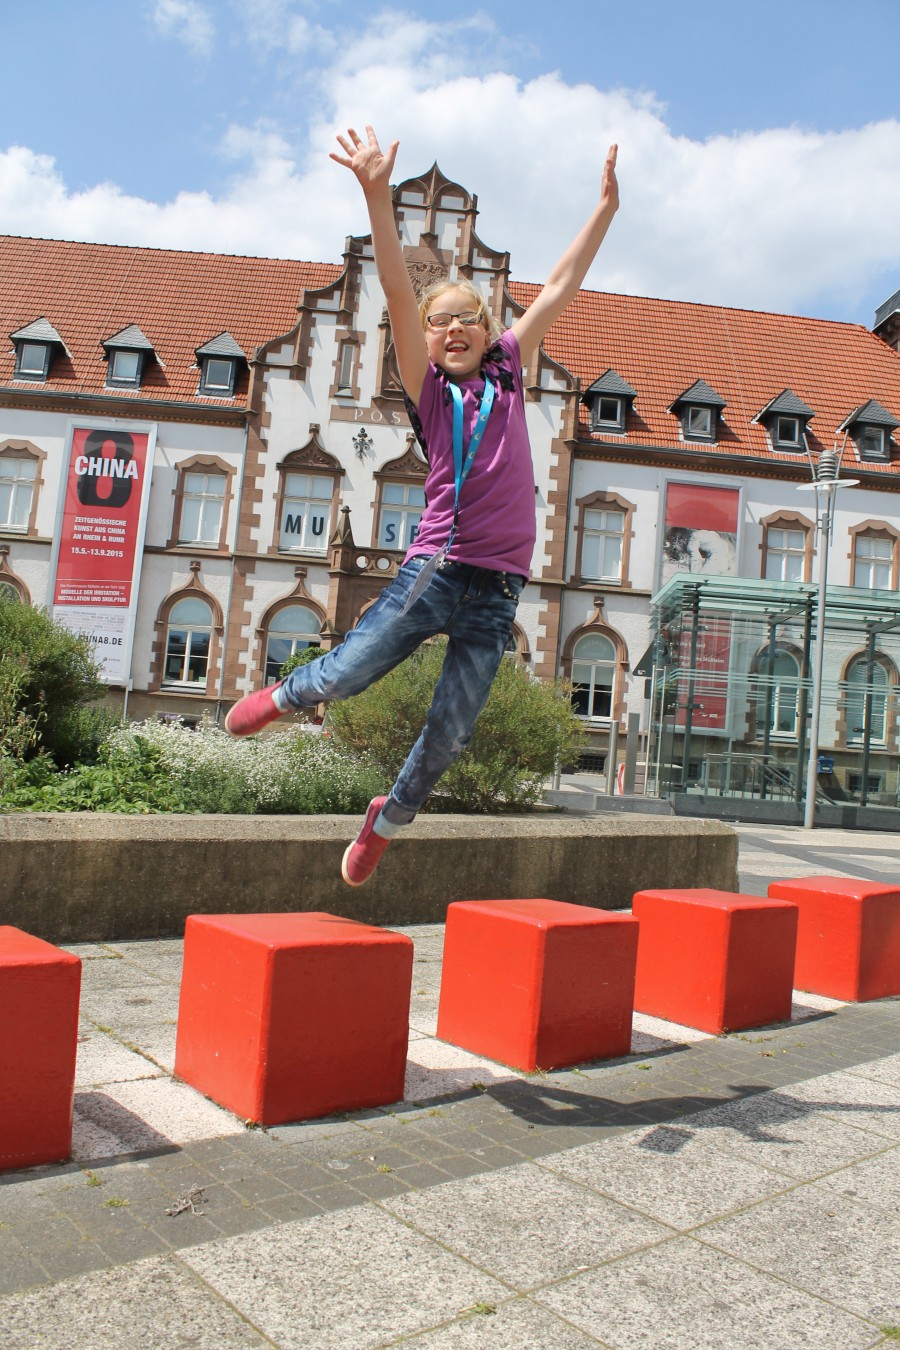 Wir machen Museum!, ein kommunales Kooperationsprojekt zwischen dem Kunstmuseum Mülheim an der Ruhr, der Camera Obscura Museum zur Vorgeschichte des Films und offenen Ganztagsgrundschulen aus Mülheim